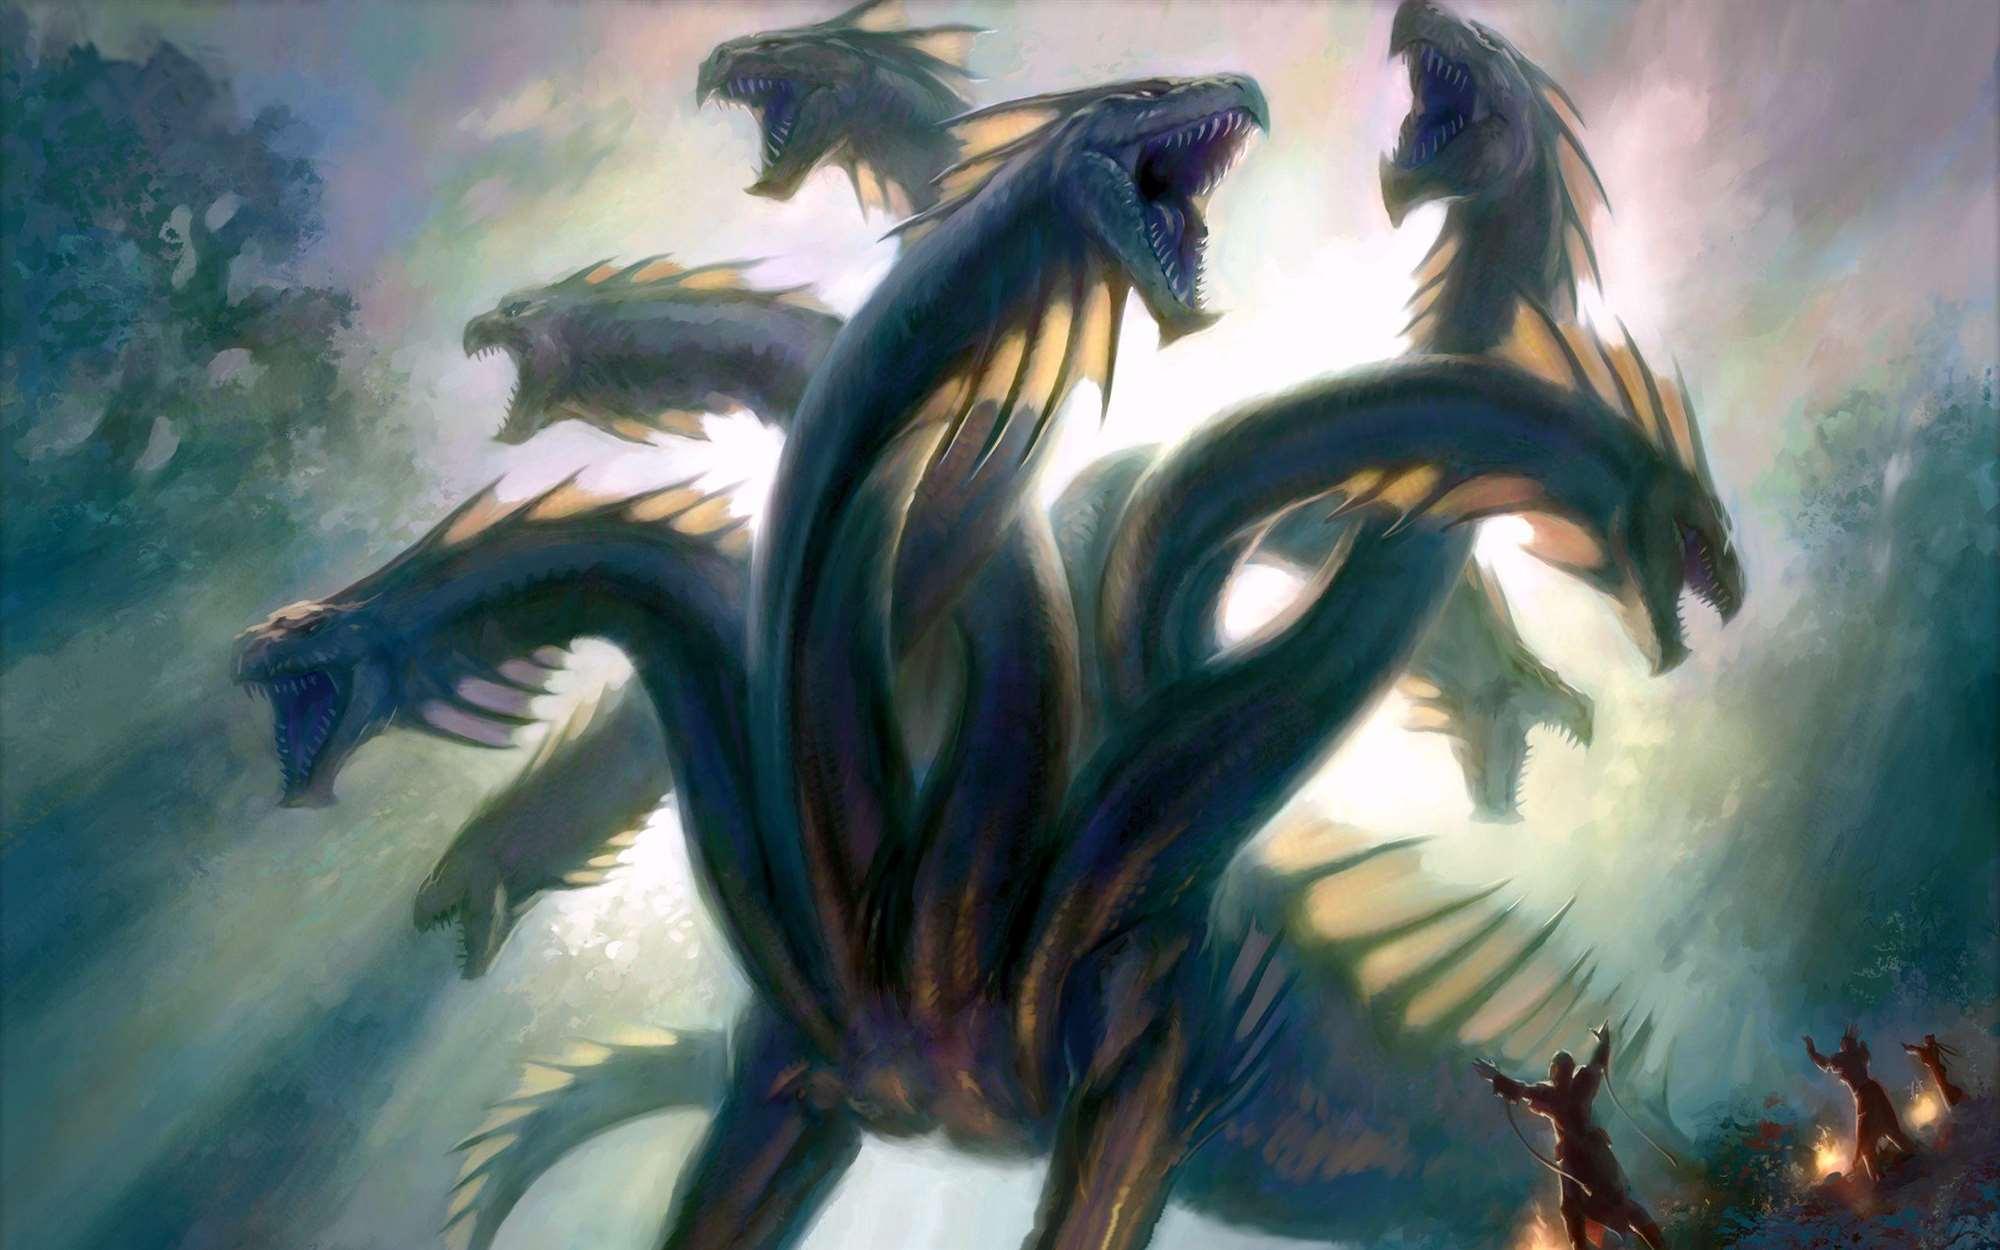 hydra-headed dragons